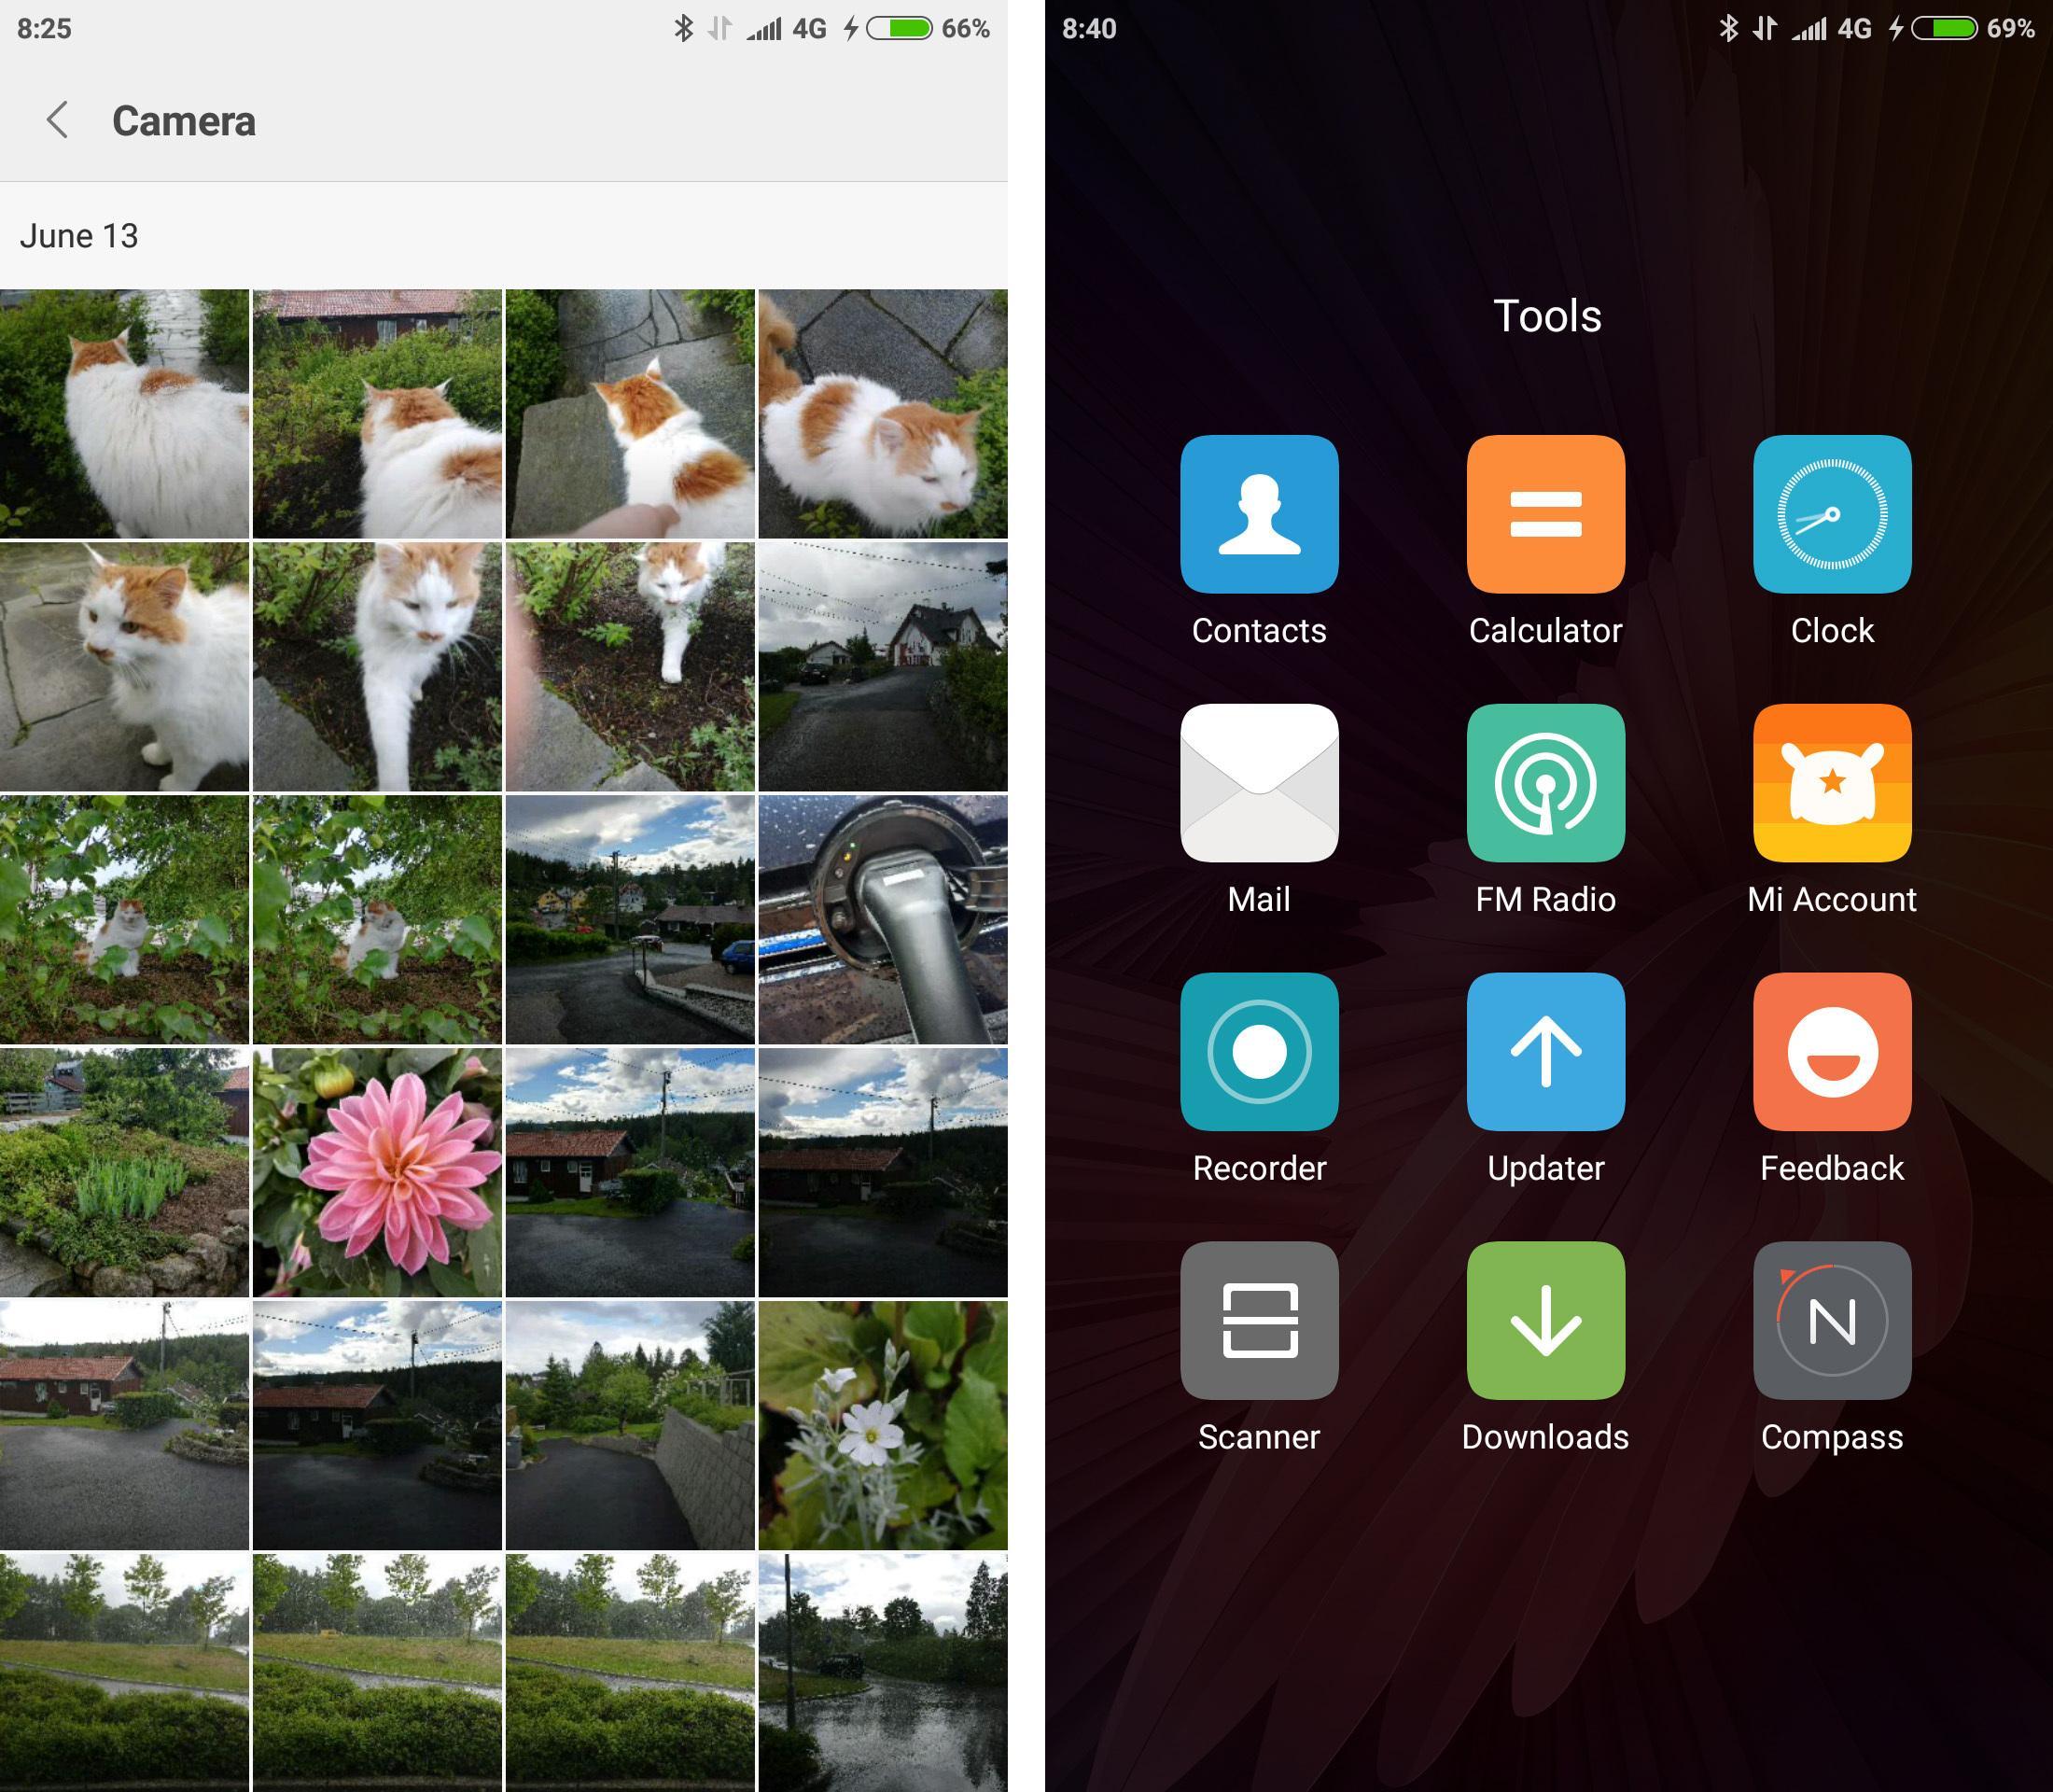 Xiaomi har lagt ved en rekke egne apper på telefonen, men det er heldigvis fint lite her som kommer fra andre, ettersom tredjeparts apper på telefoner ofte er reklamefjas som er mer til irritasjon enn til hjelp.